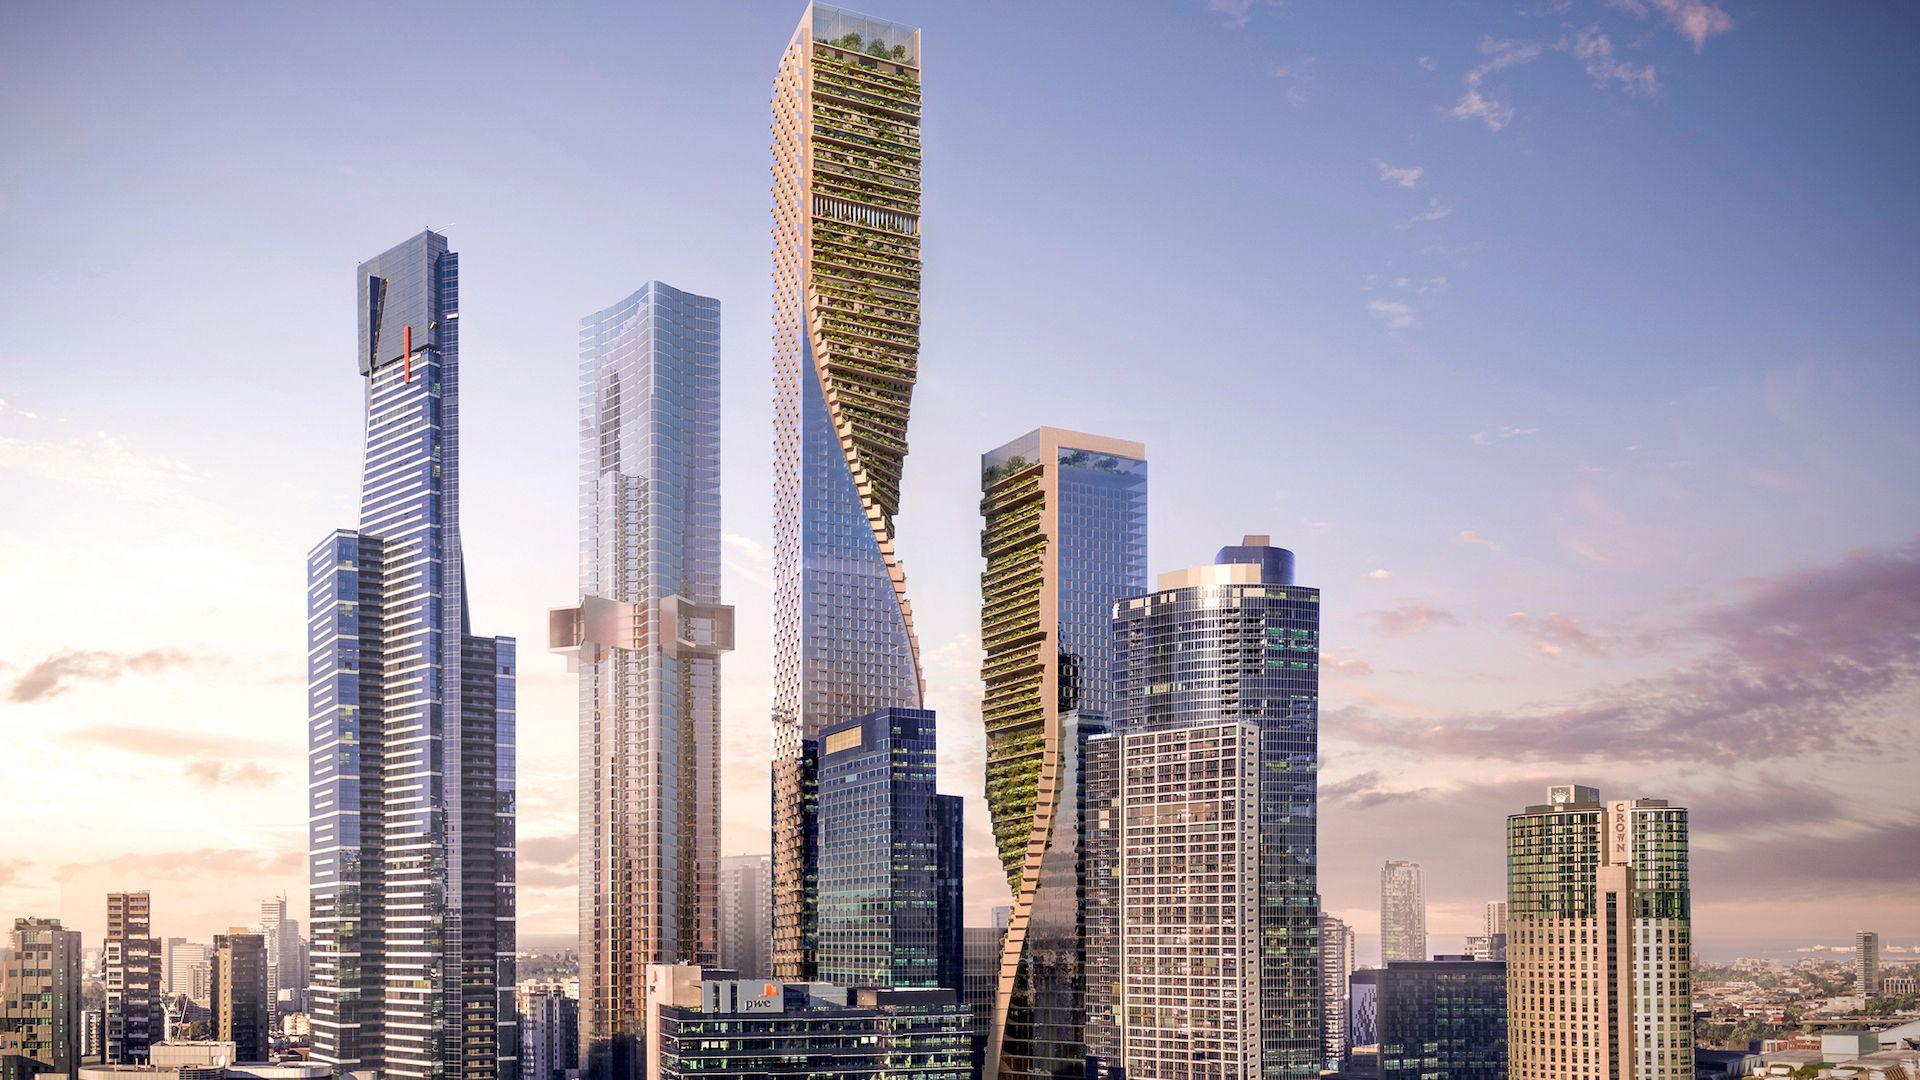 Este será el original edificio más alto de Australia: The Green Spine